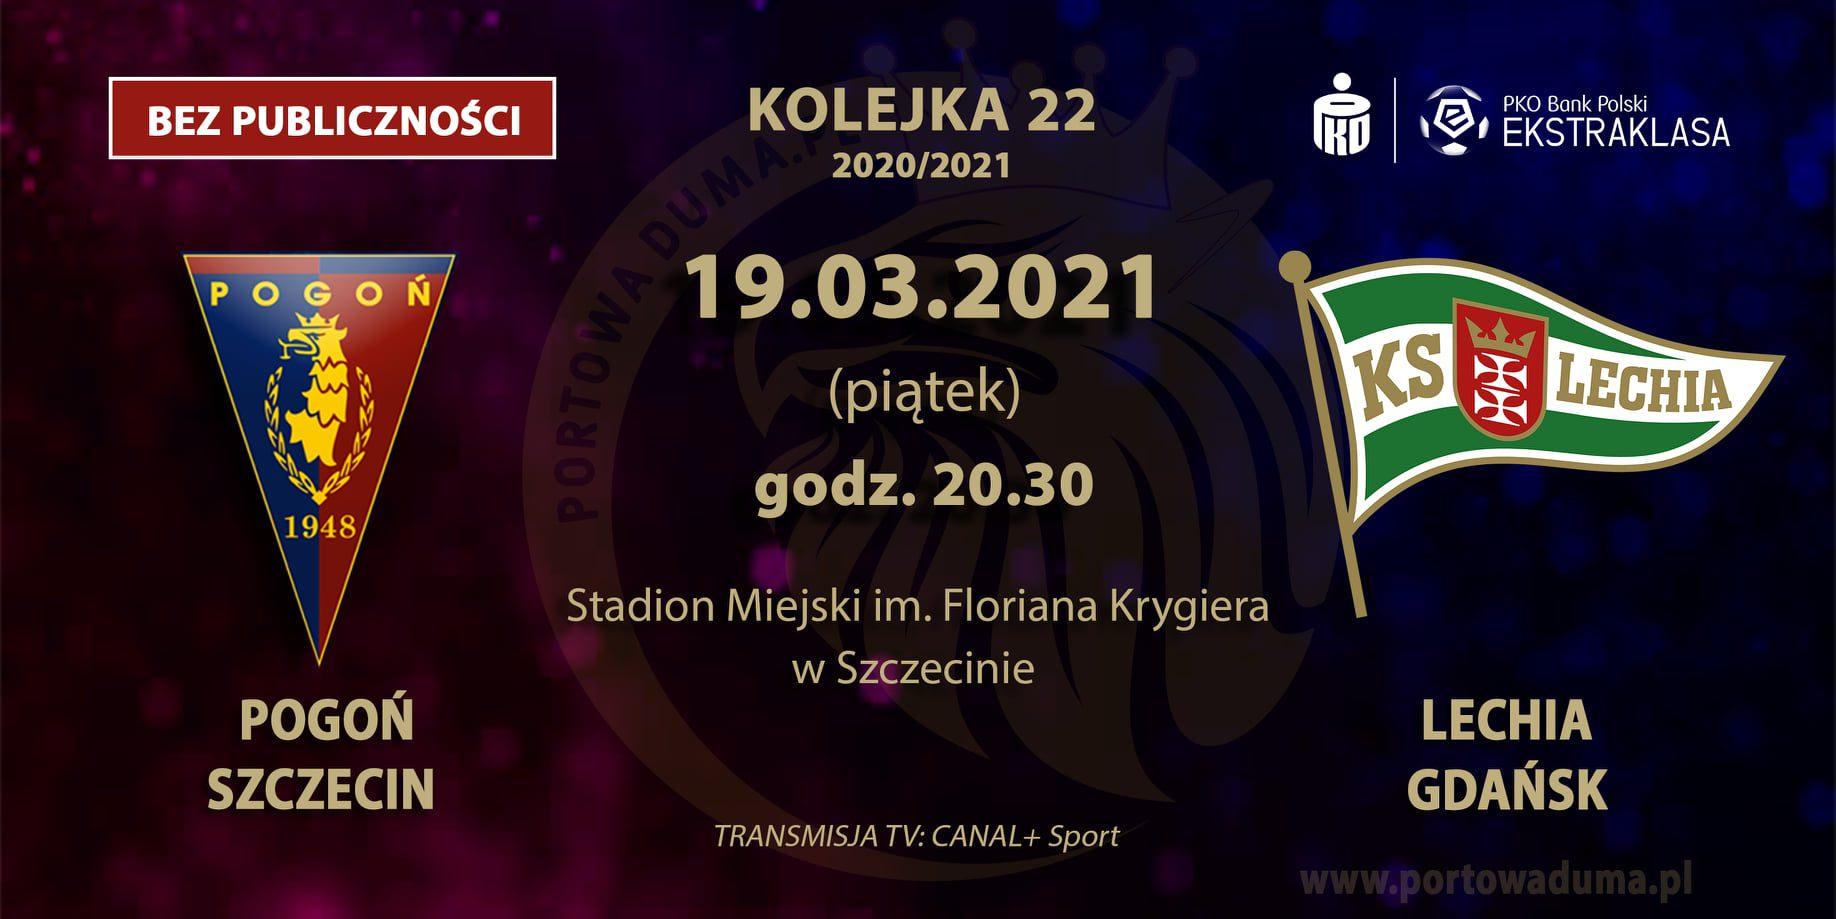 [Relacja z meczu]: Pogoń Szczecin - Lechia Gdańsk.